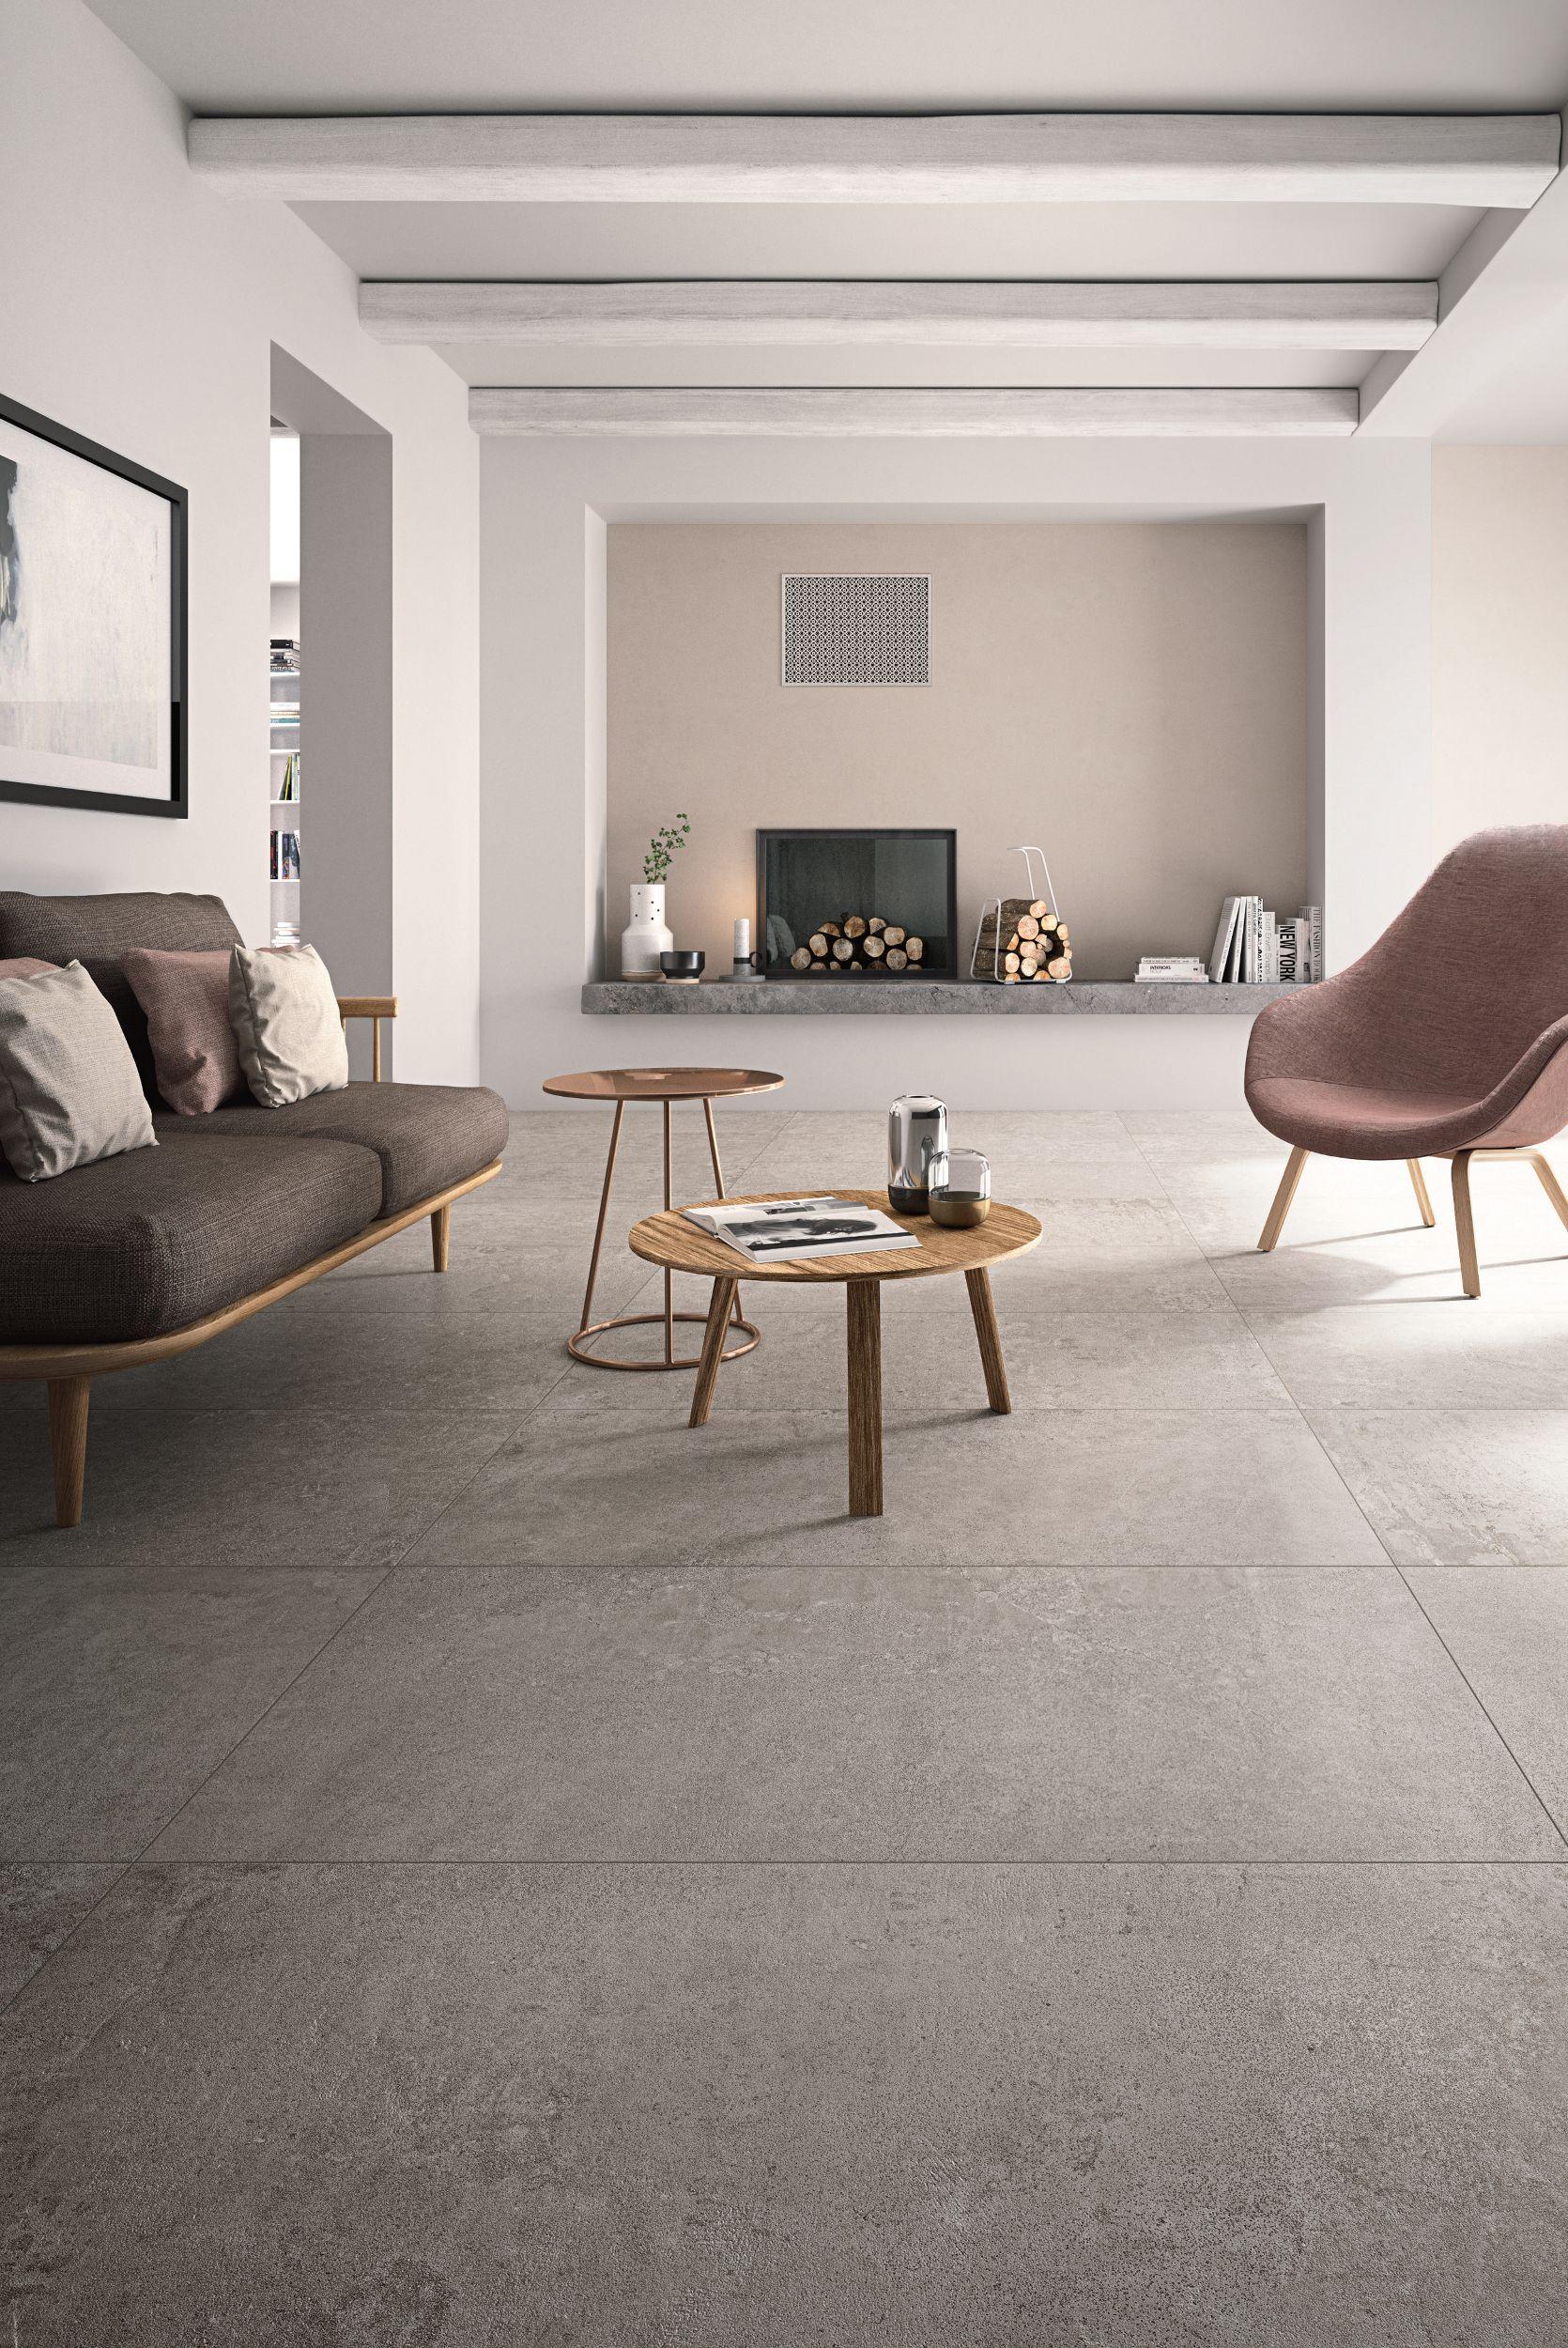 Pavimento rivestimento in gres porcellanato effetto cemento x beton by cotto d 39 este - Abbinare pavimento e mobili ...